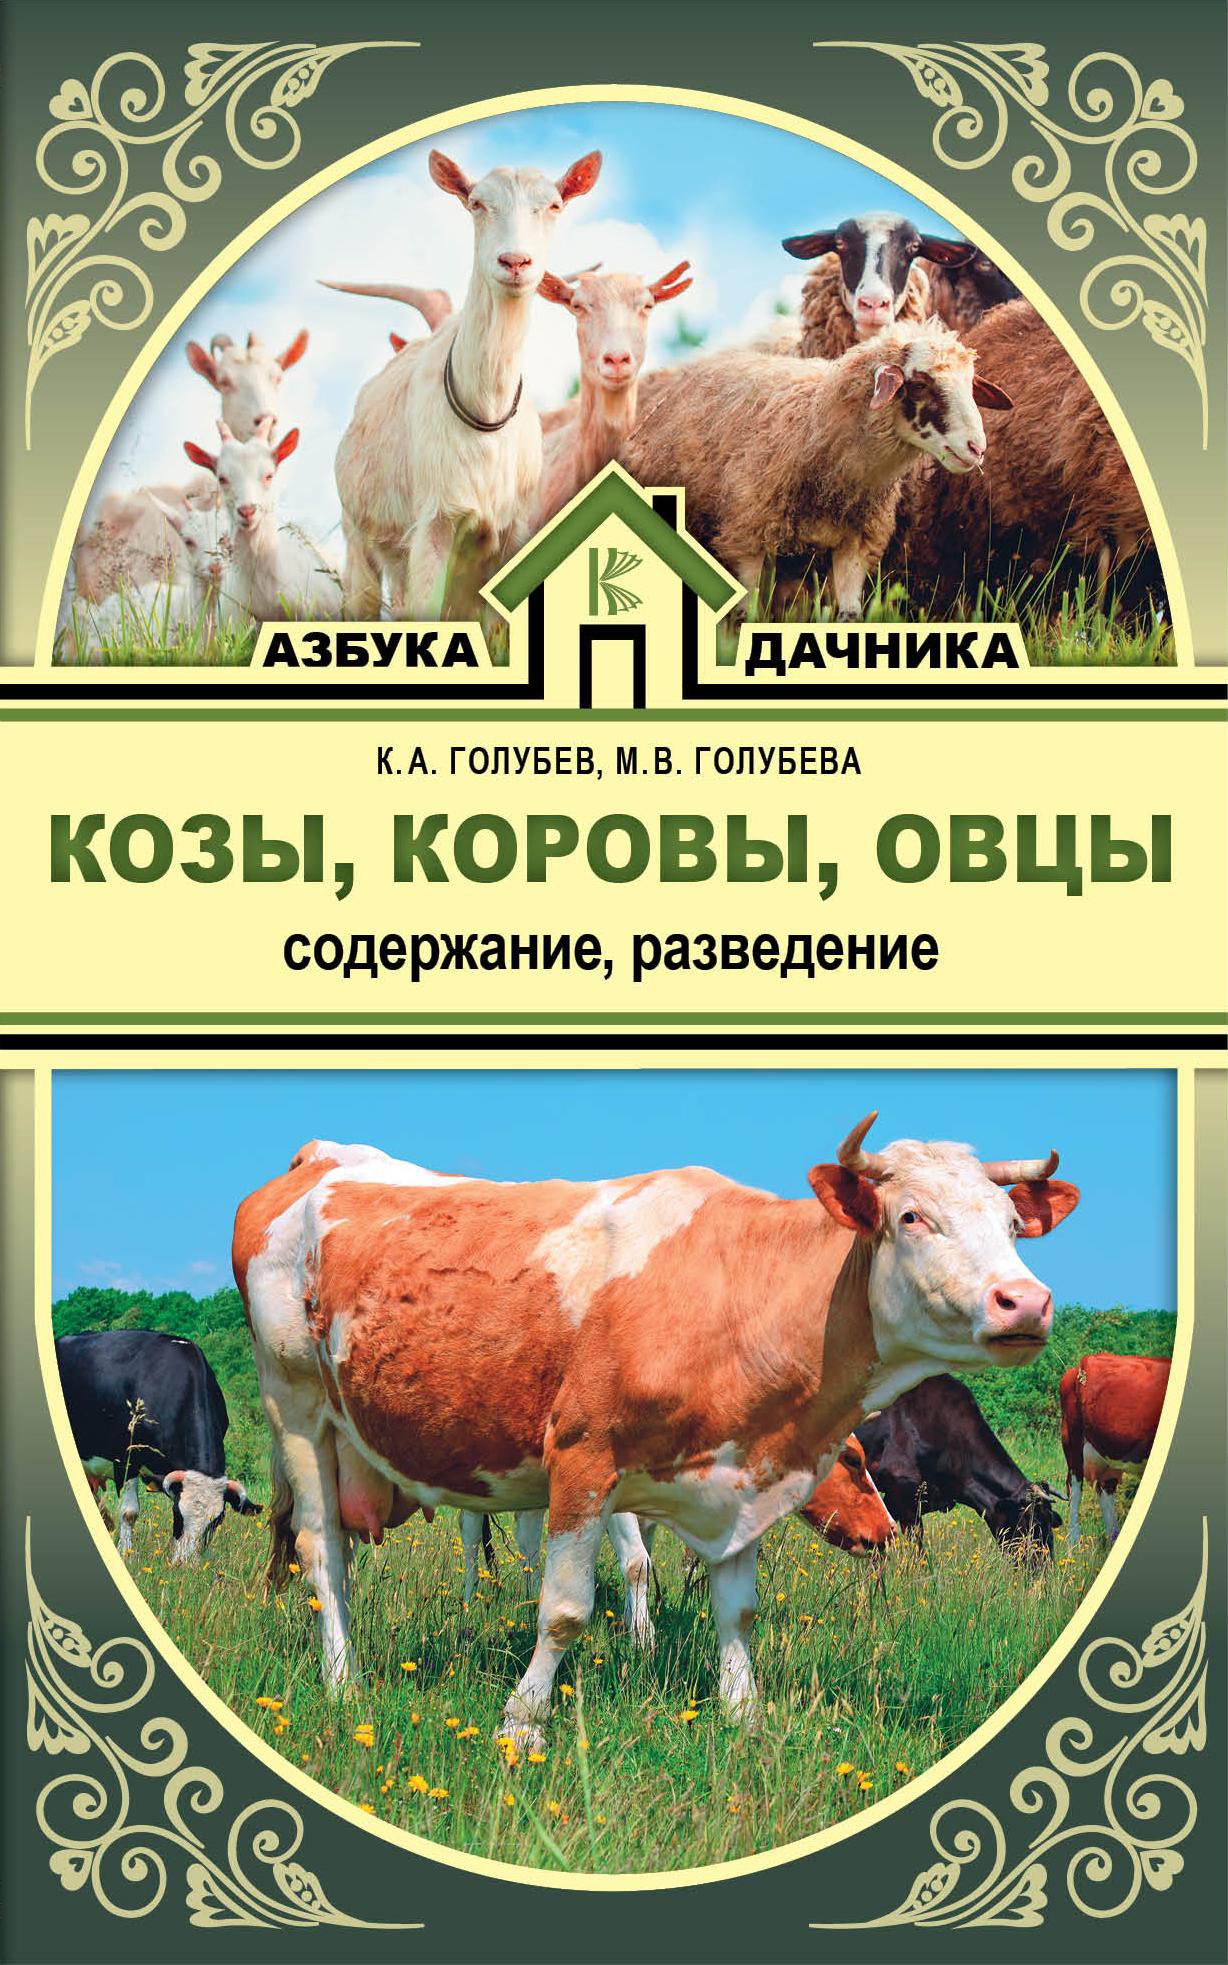 Козы. Коровы. Овцы. Содержание и разведение